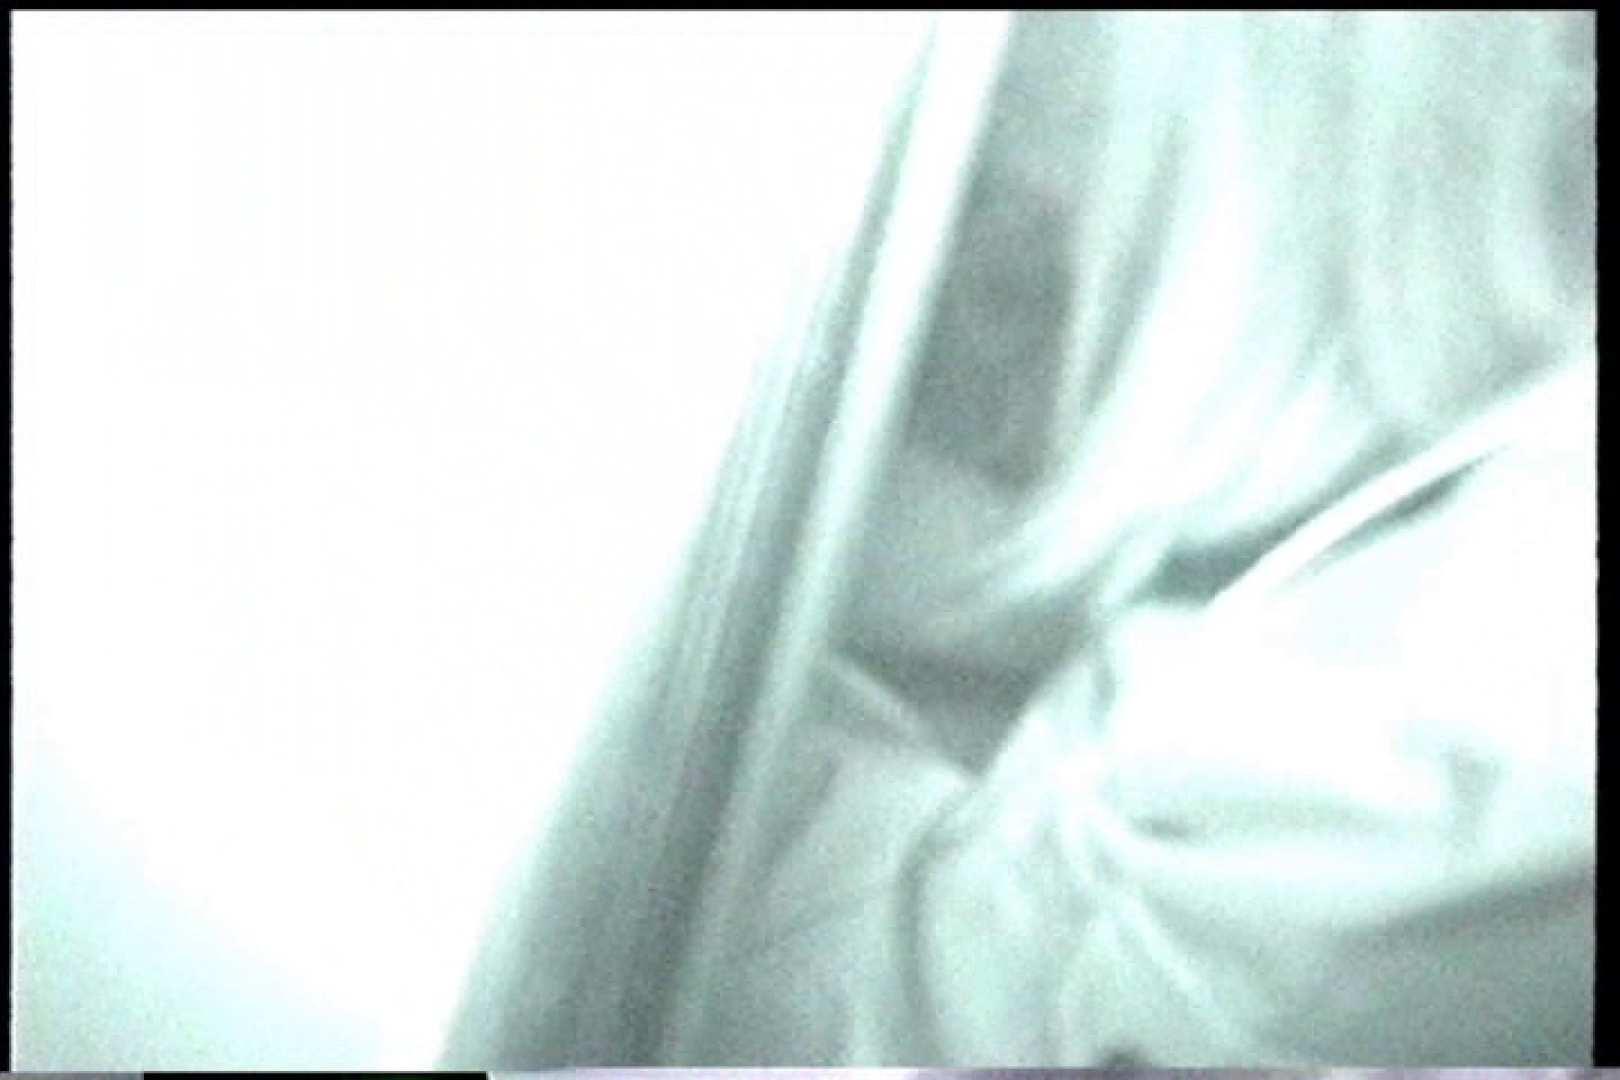 充血監督の深夜の運動会Vol.222 カップル | おっぱい特集  30pic 4